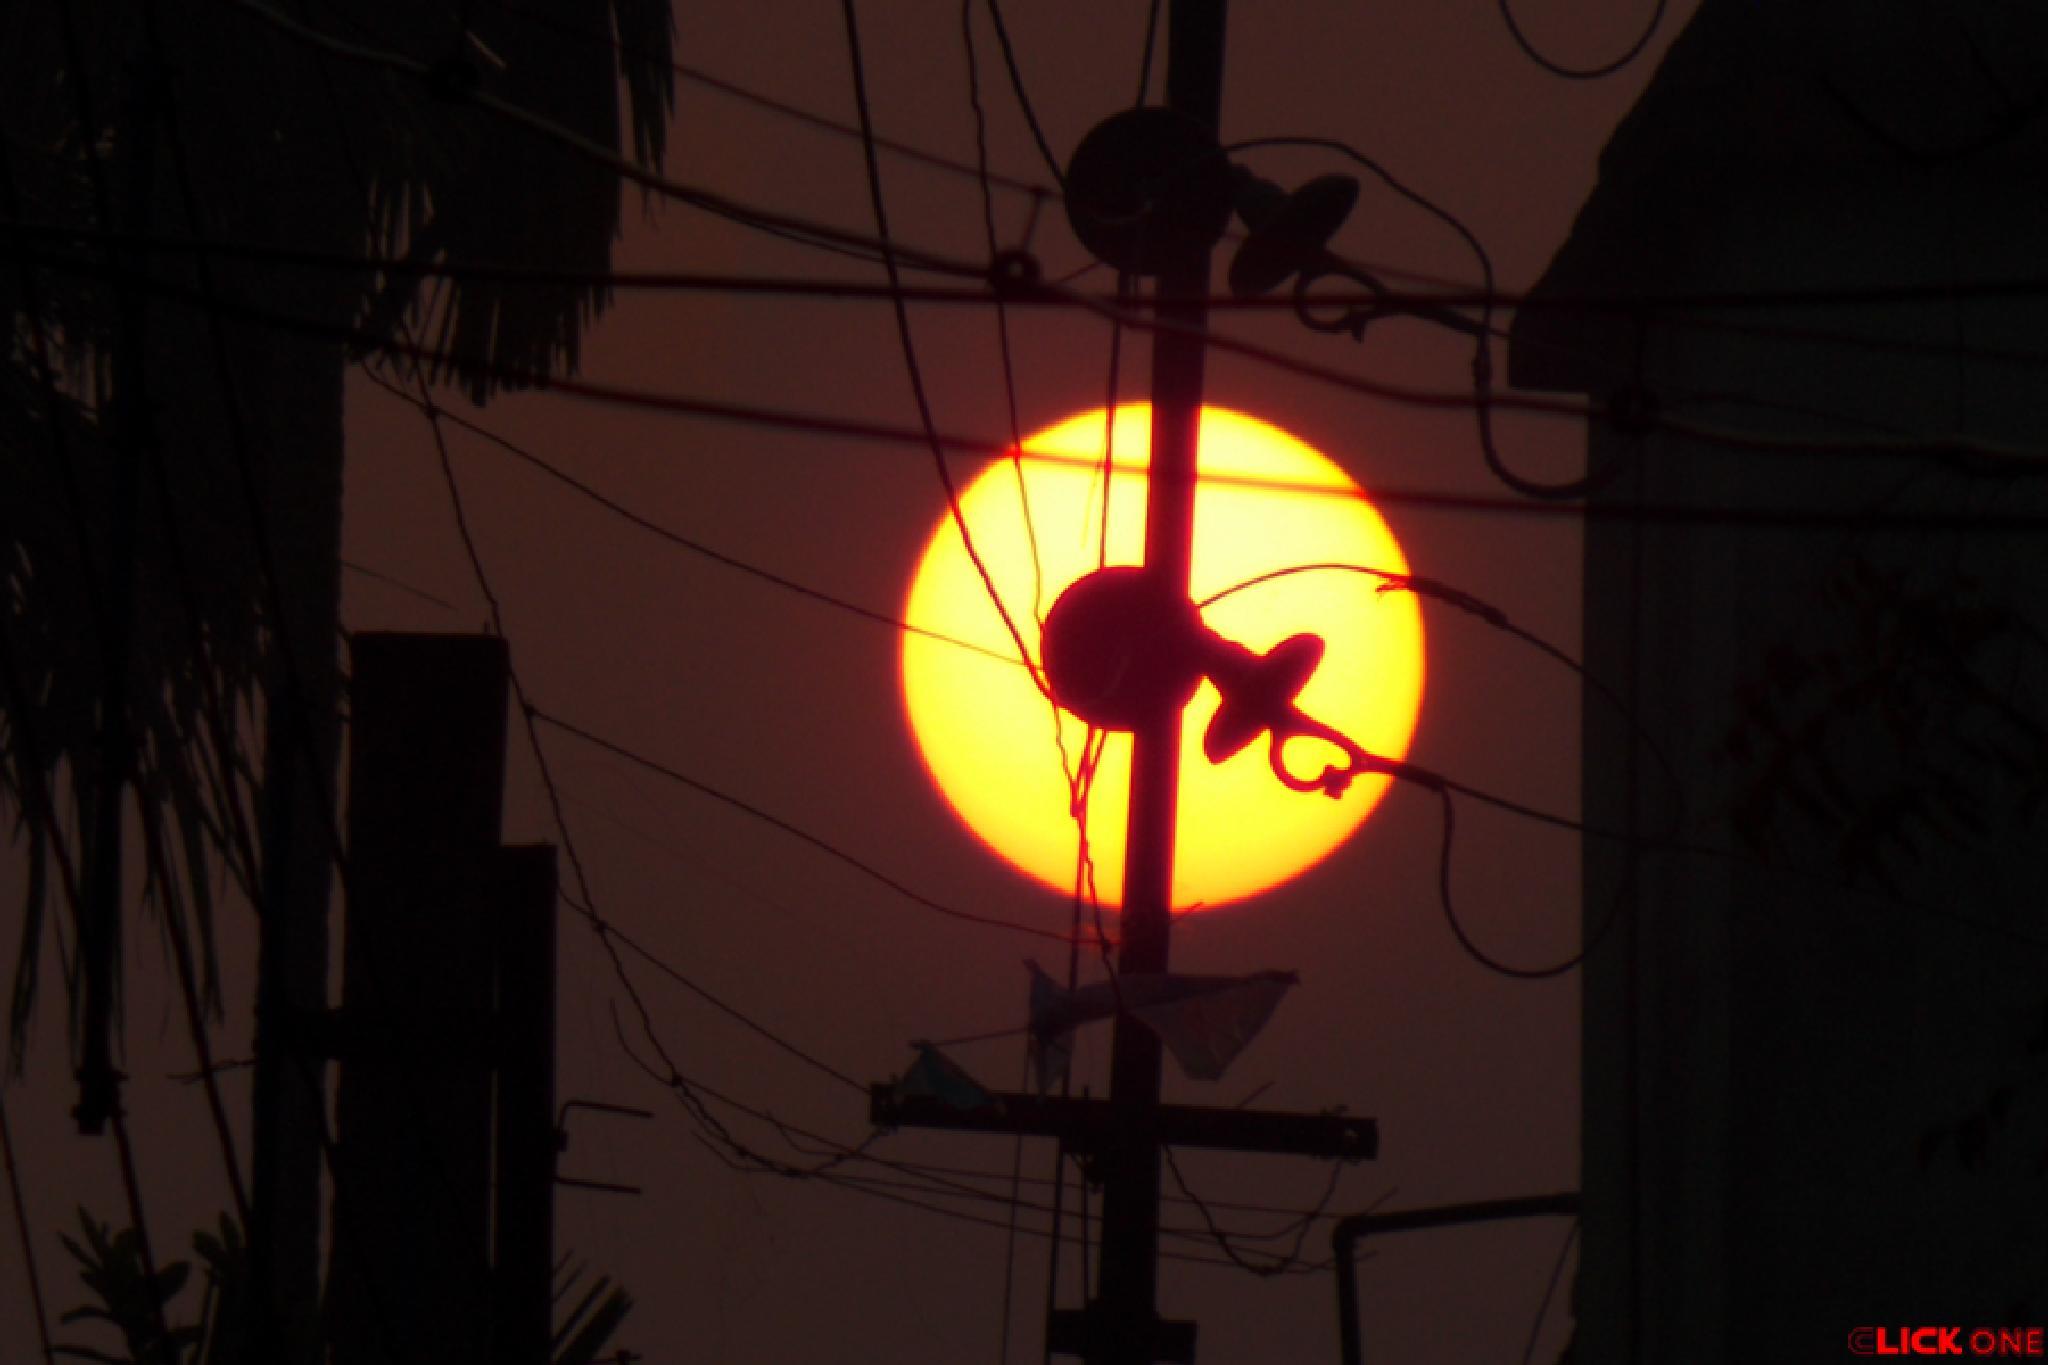 Sunrise: 6:53 AM. by Ăjȫy Ðhâŕ